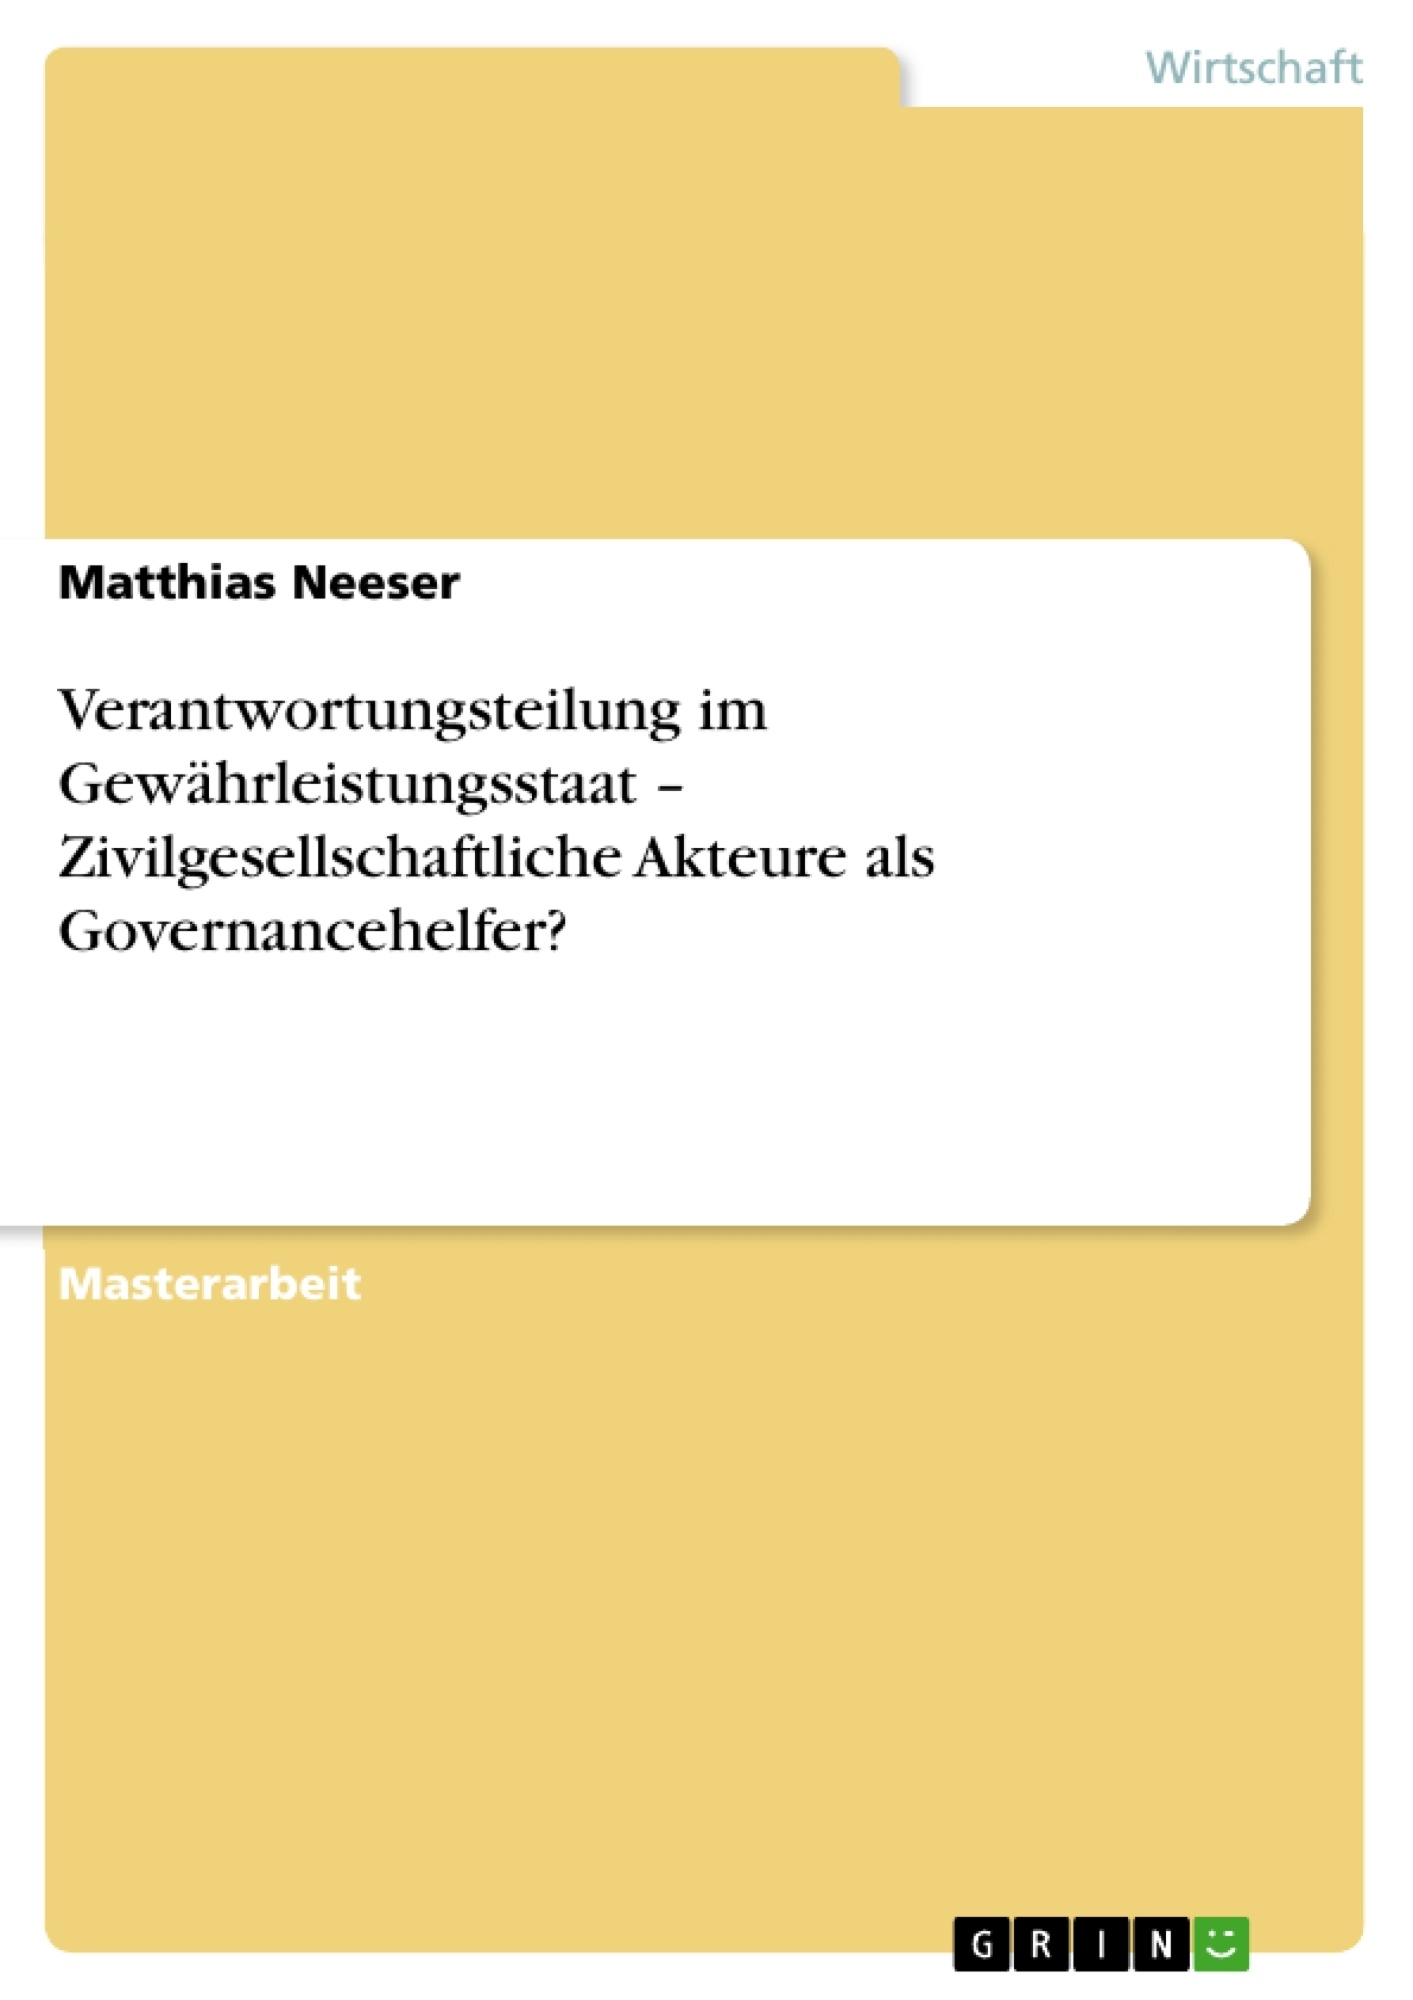 Titel: Verantwortungsteilung im Gewährleistungsstaat –  Zivilgesellschaftliche Akteure als Governancehelfer?